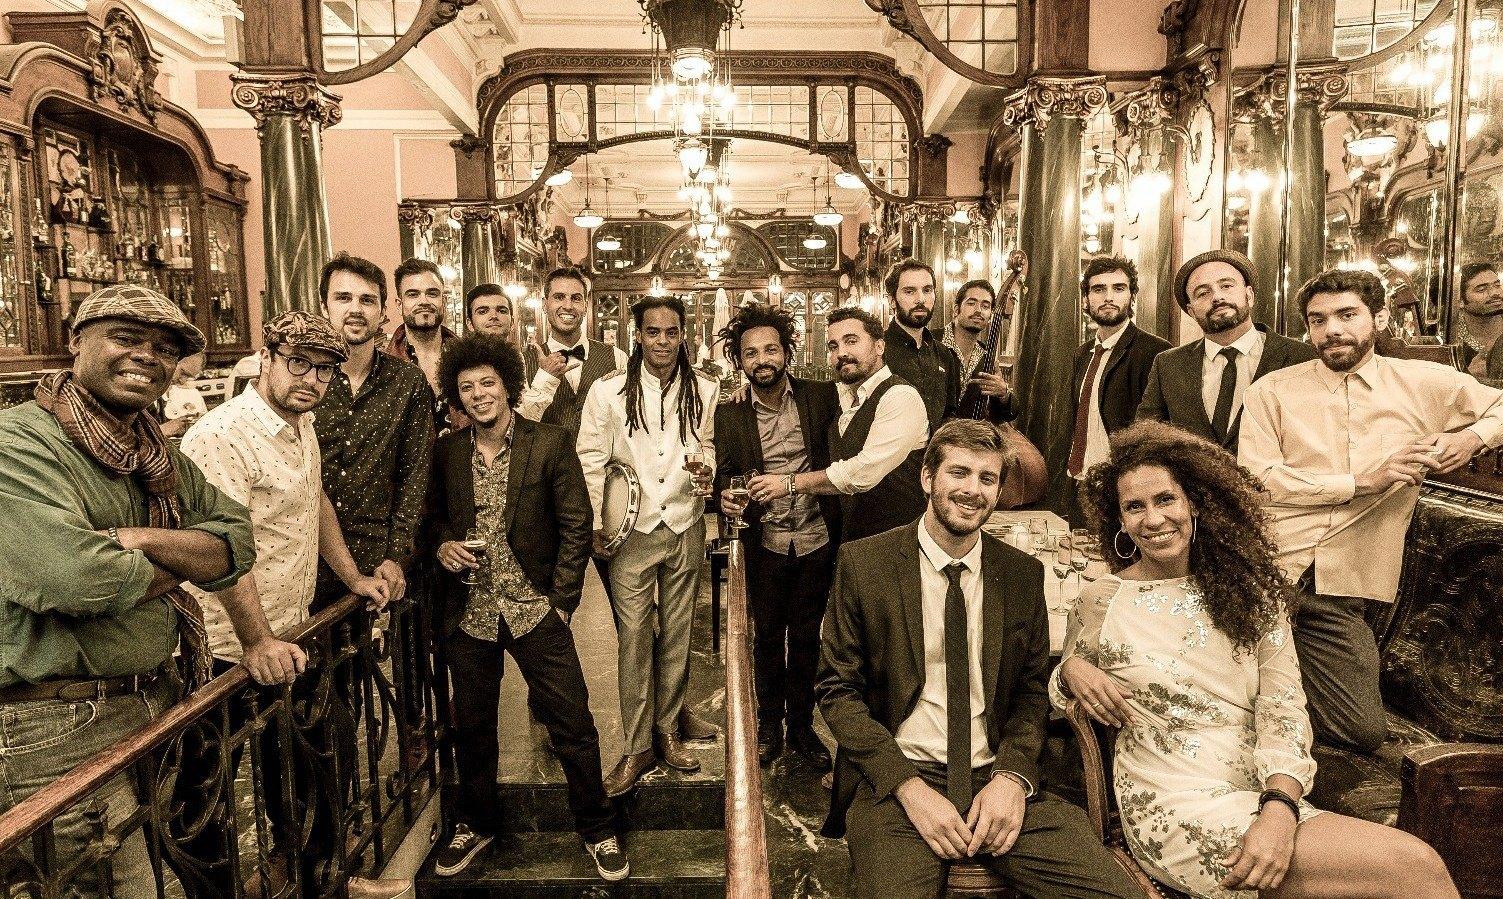 Orquestra Bamba Social canta os parabéns ao Mercado Bom Sucesso